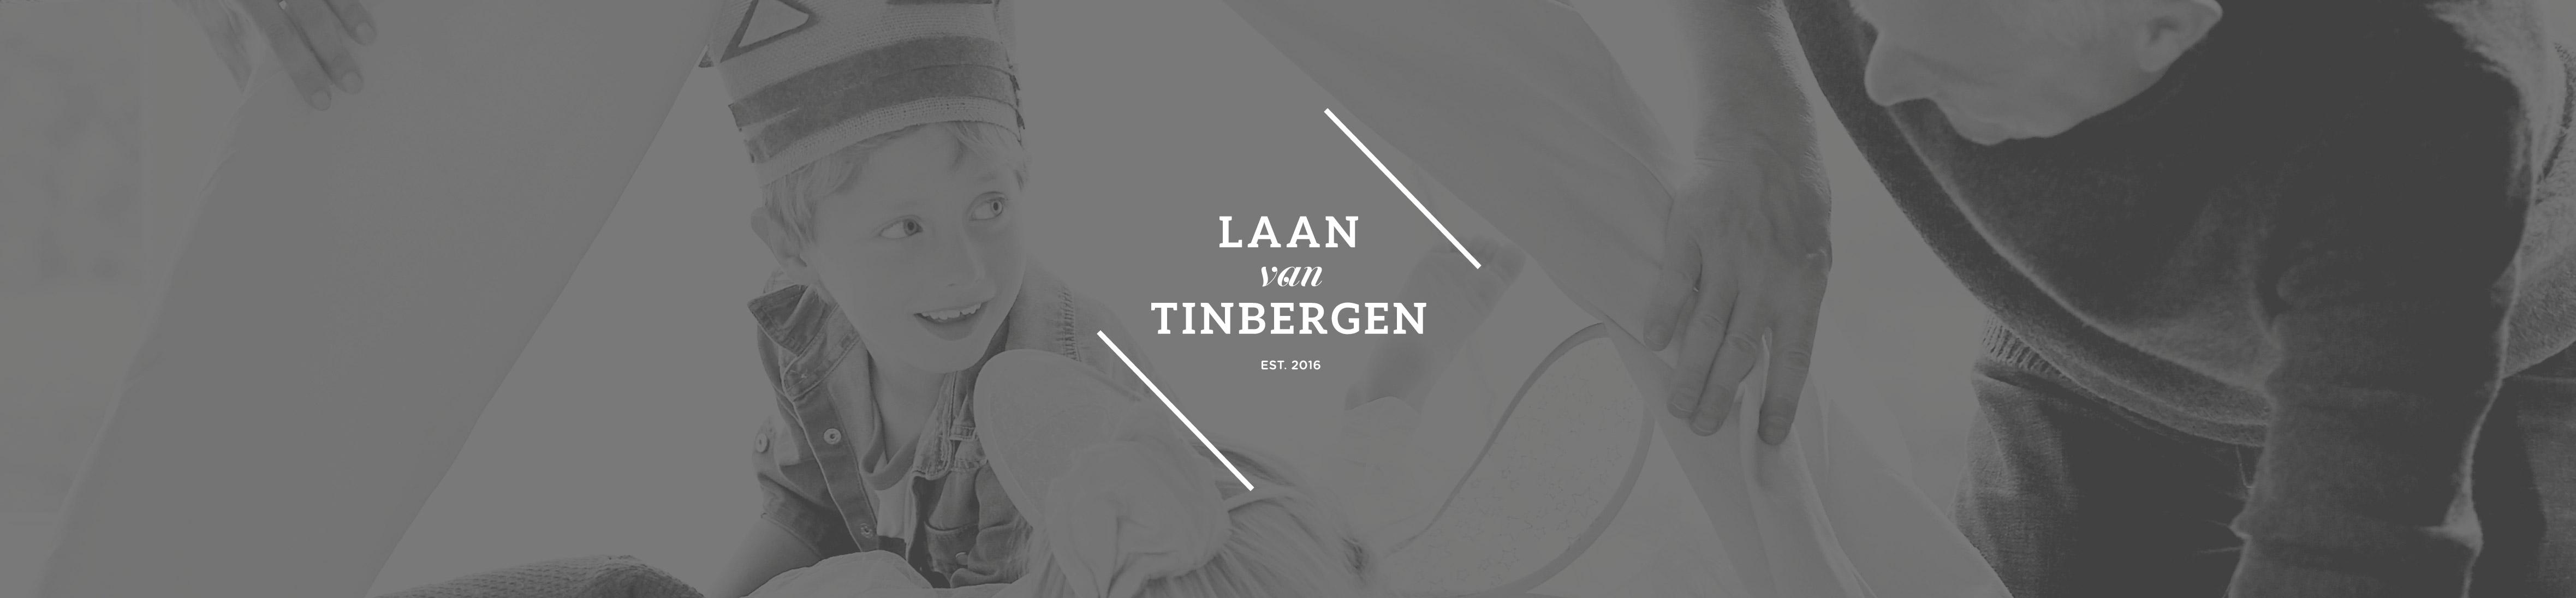 Laan van Tinbergen